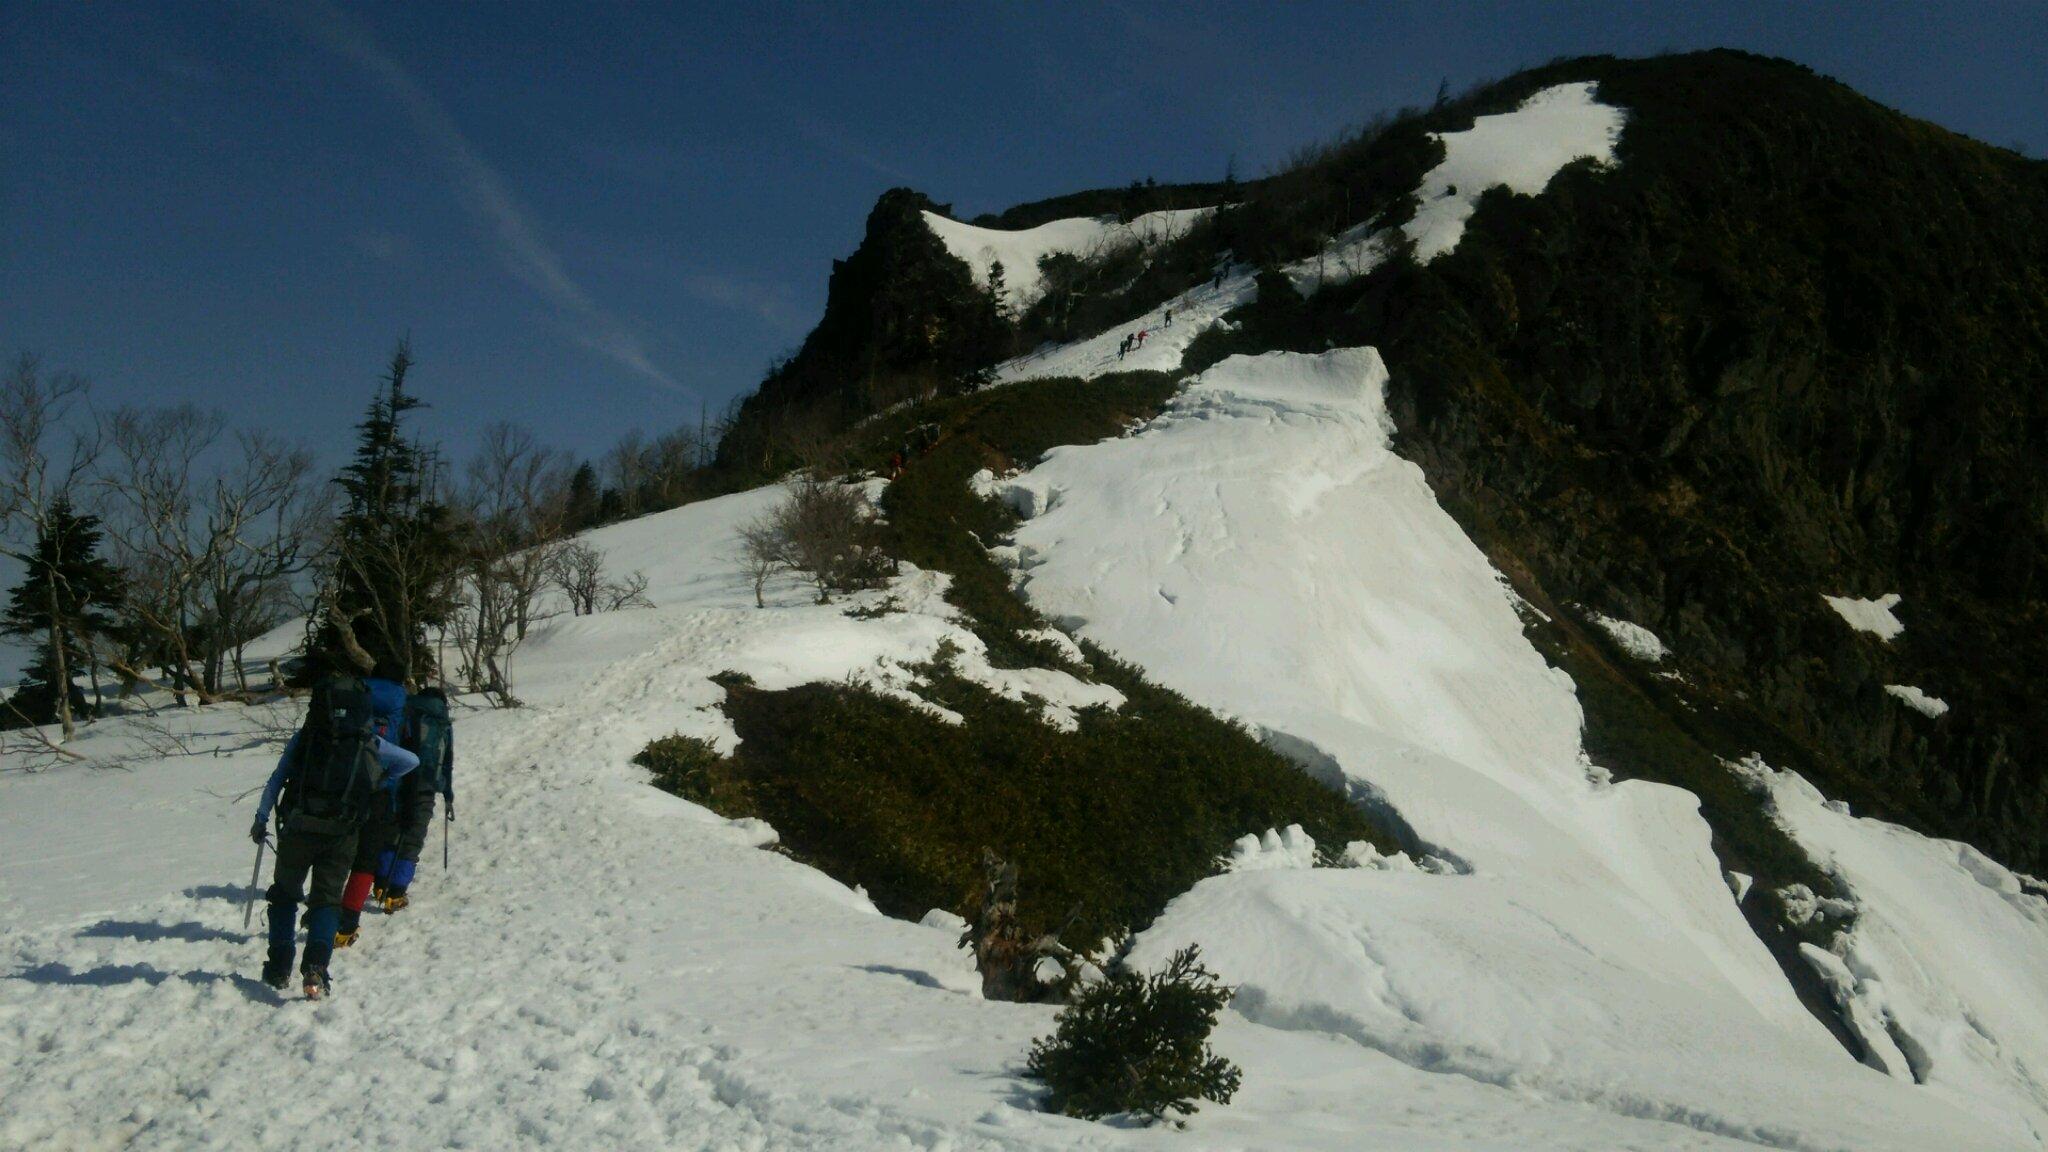 最初のピーク剣ヶ峰山